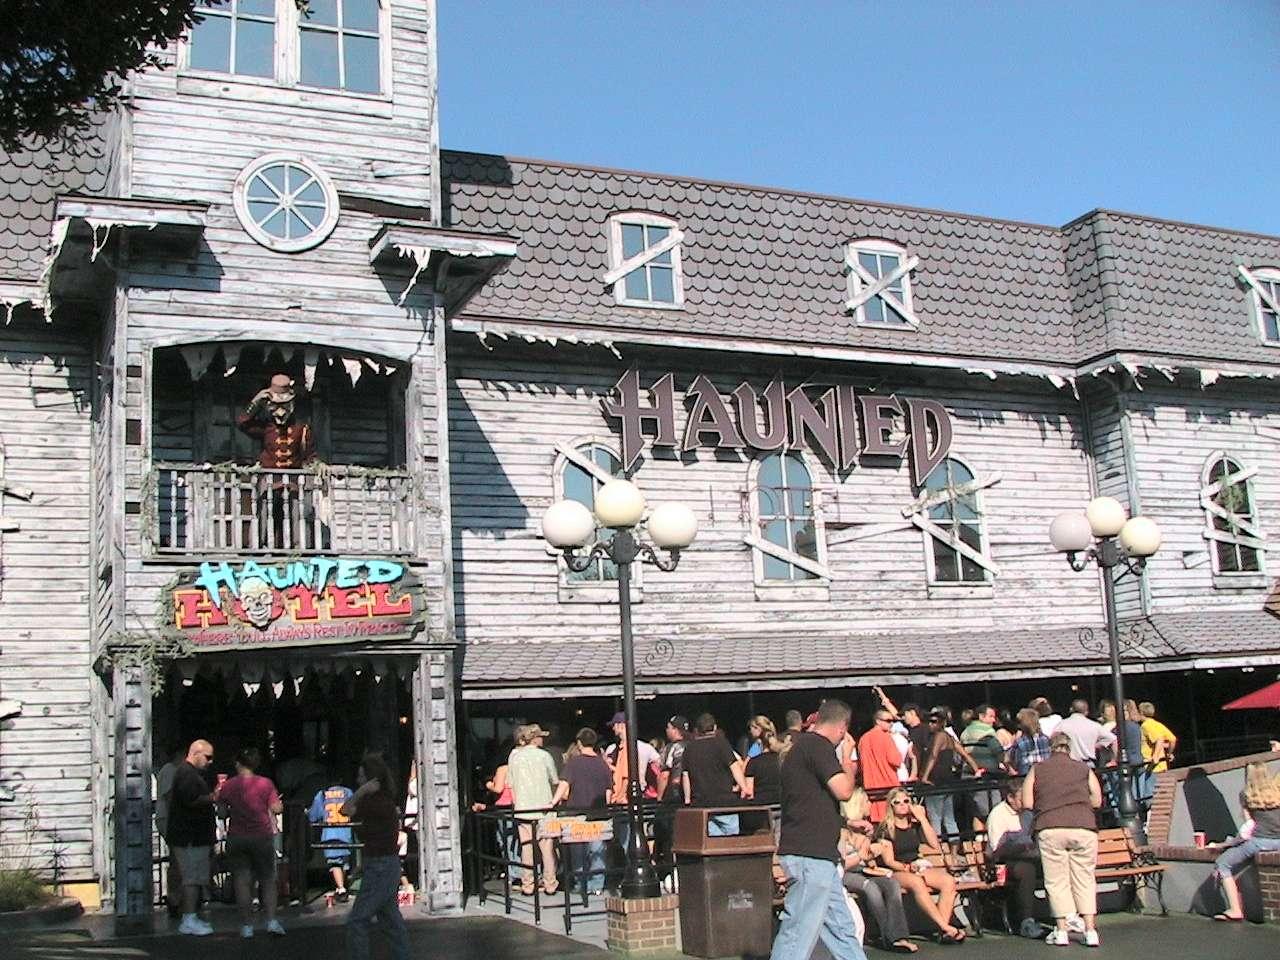 Myrtle Beach Pavilion Haunted Hotel Auction